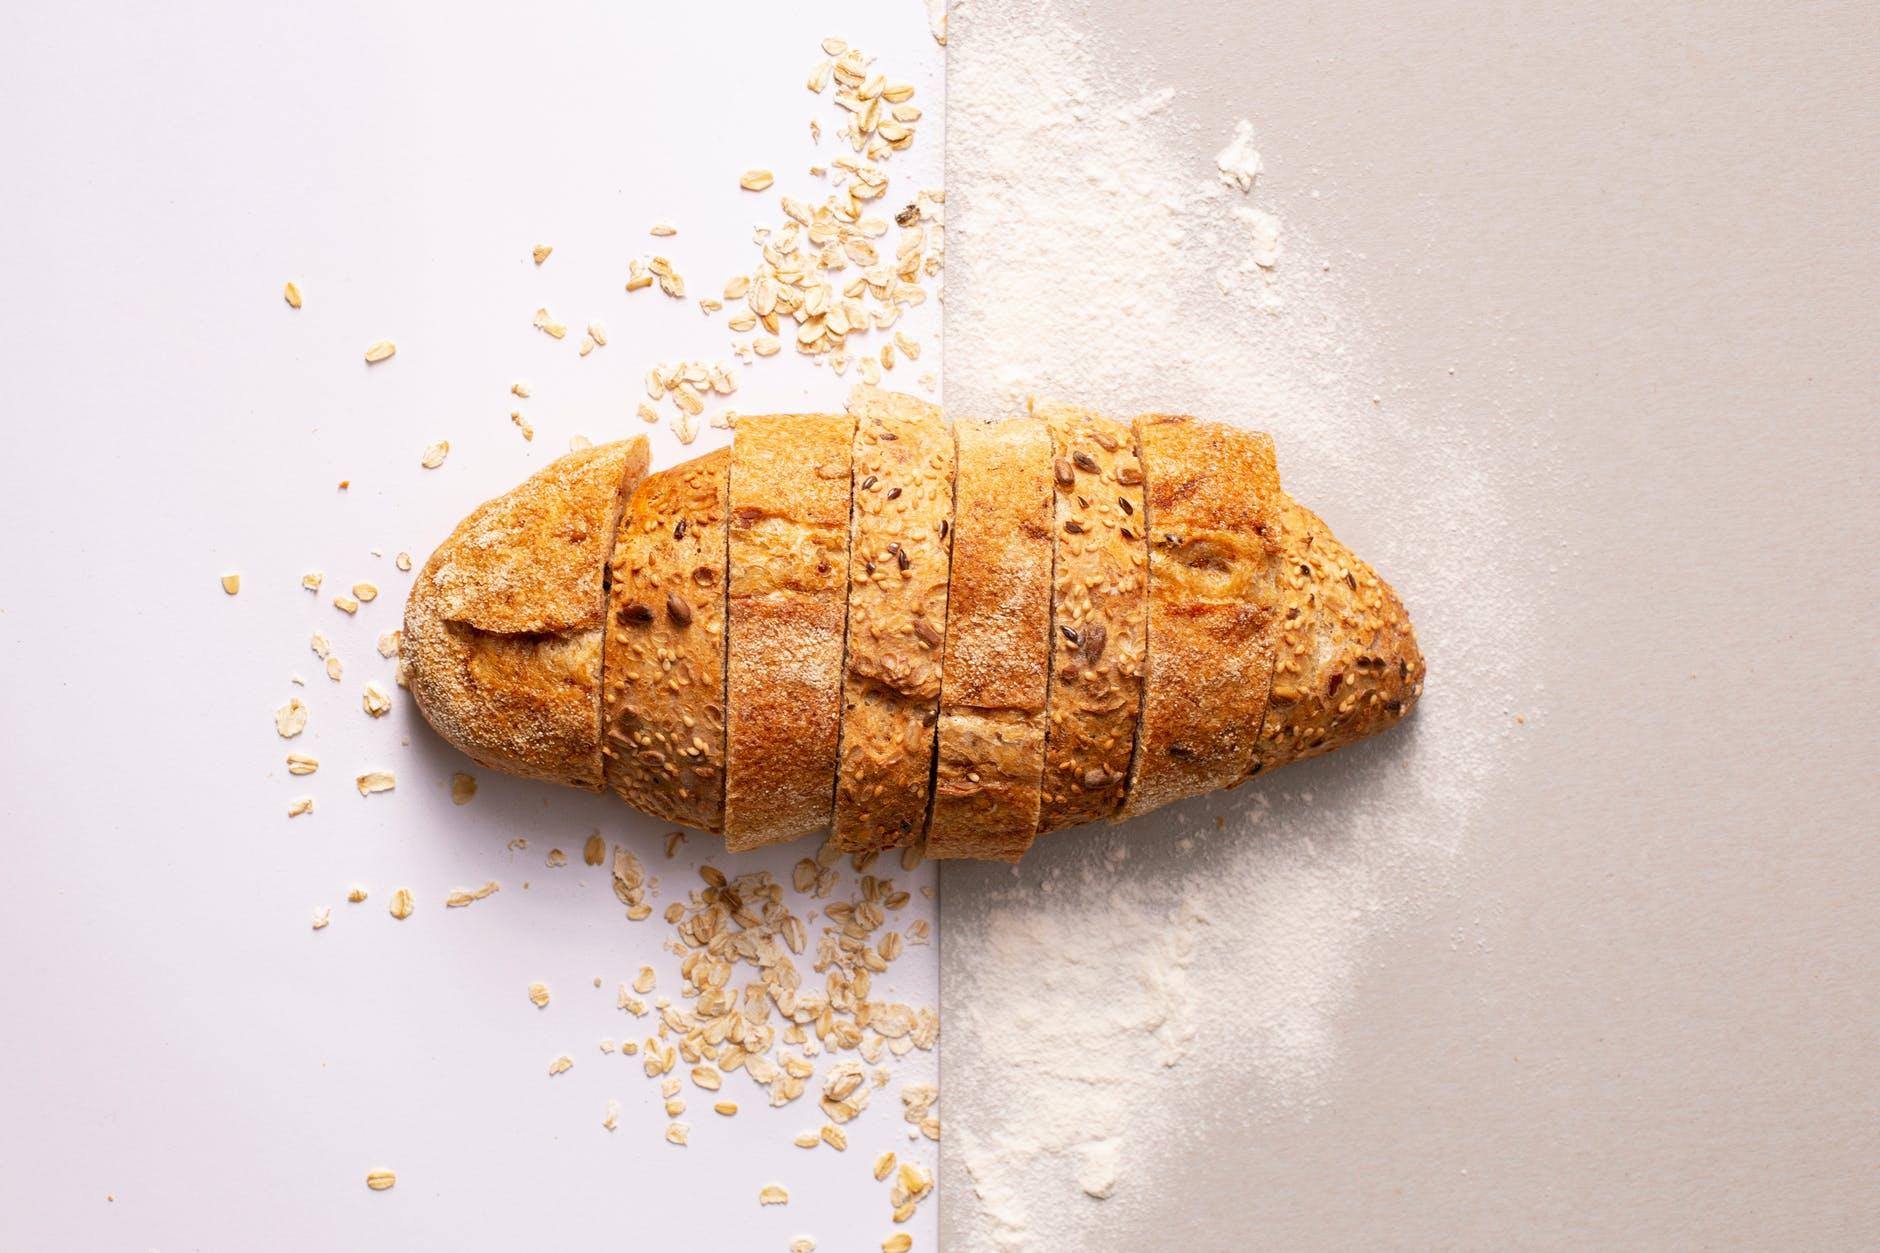 Cea mai sănătoasă alegere atunci când cumpărăm pâine. Este mai bine tolerată si extrem de gustoasă!